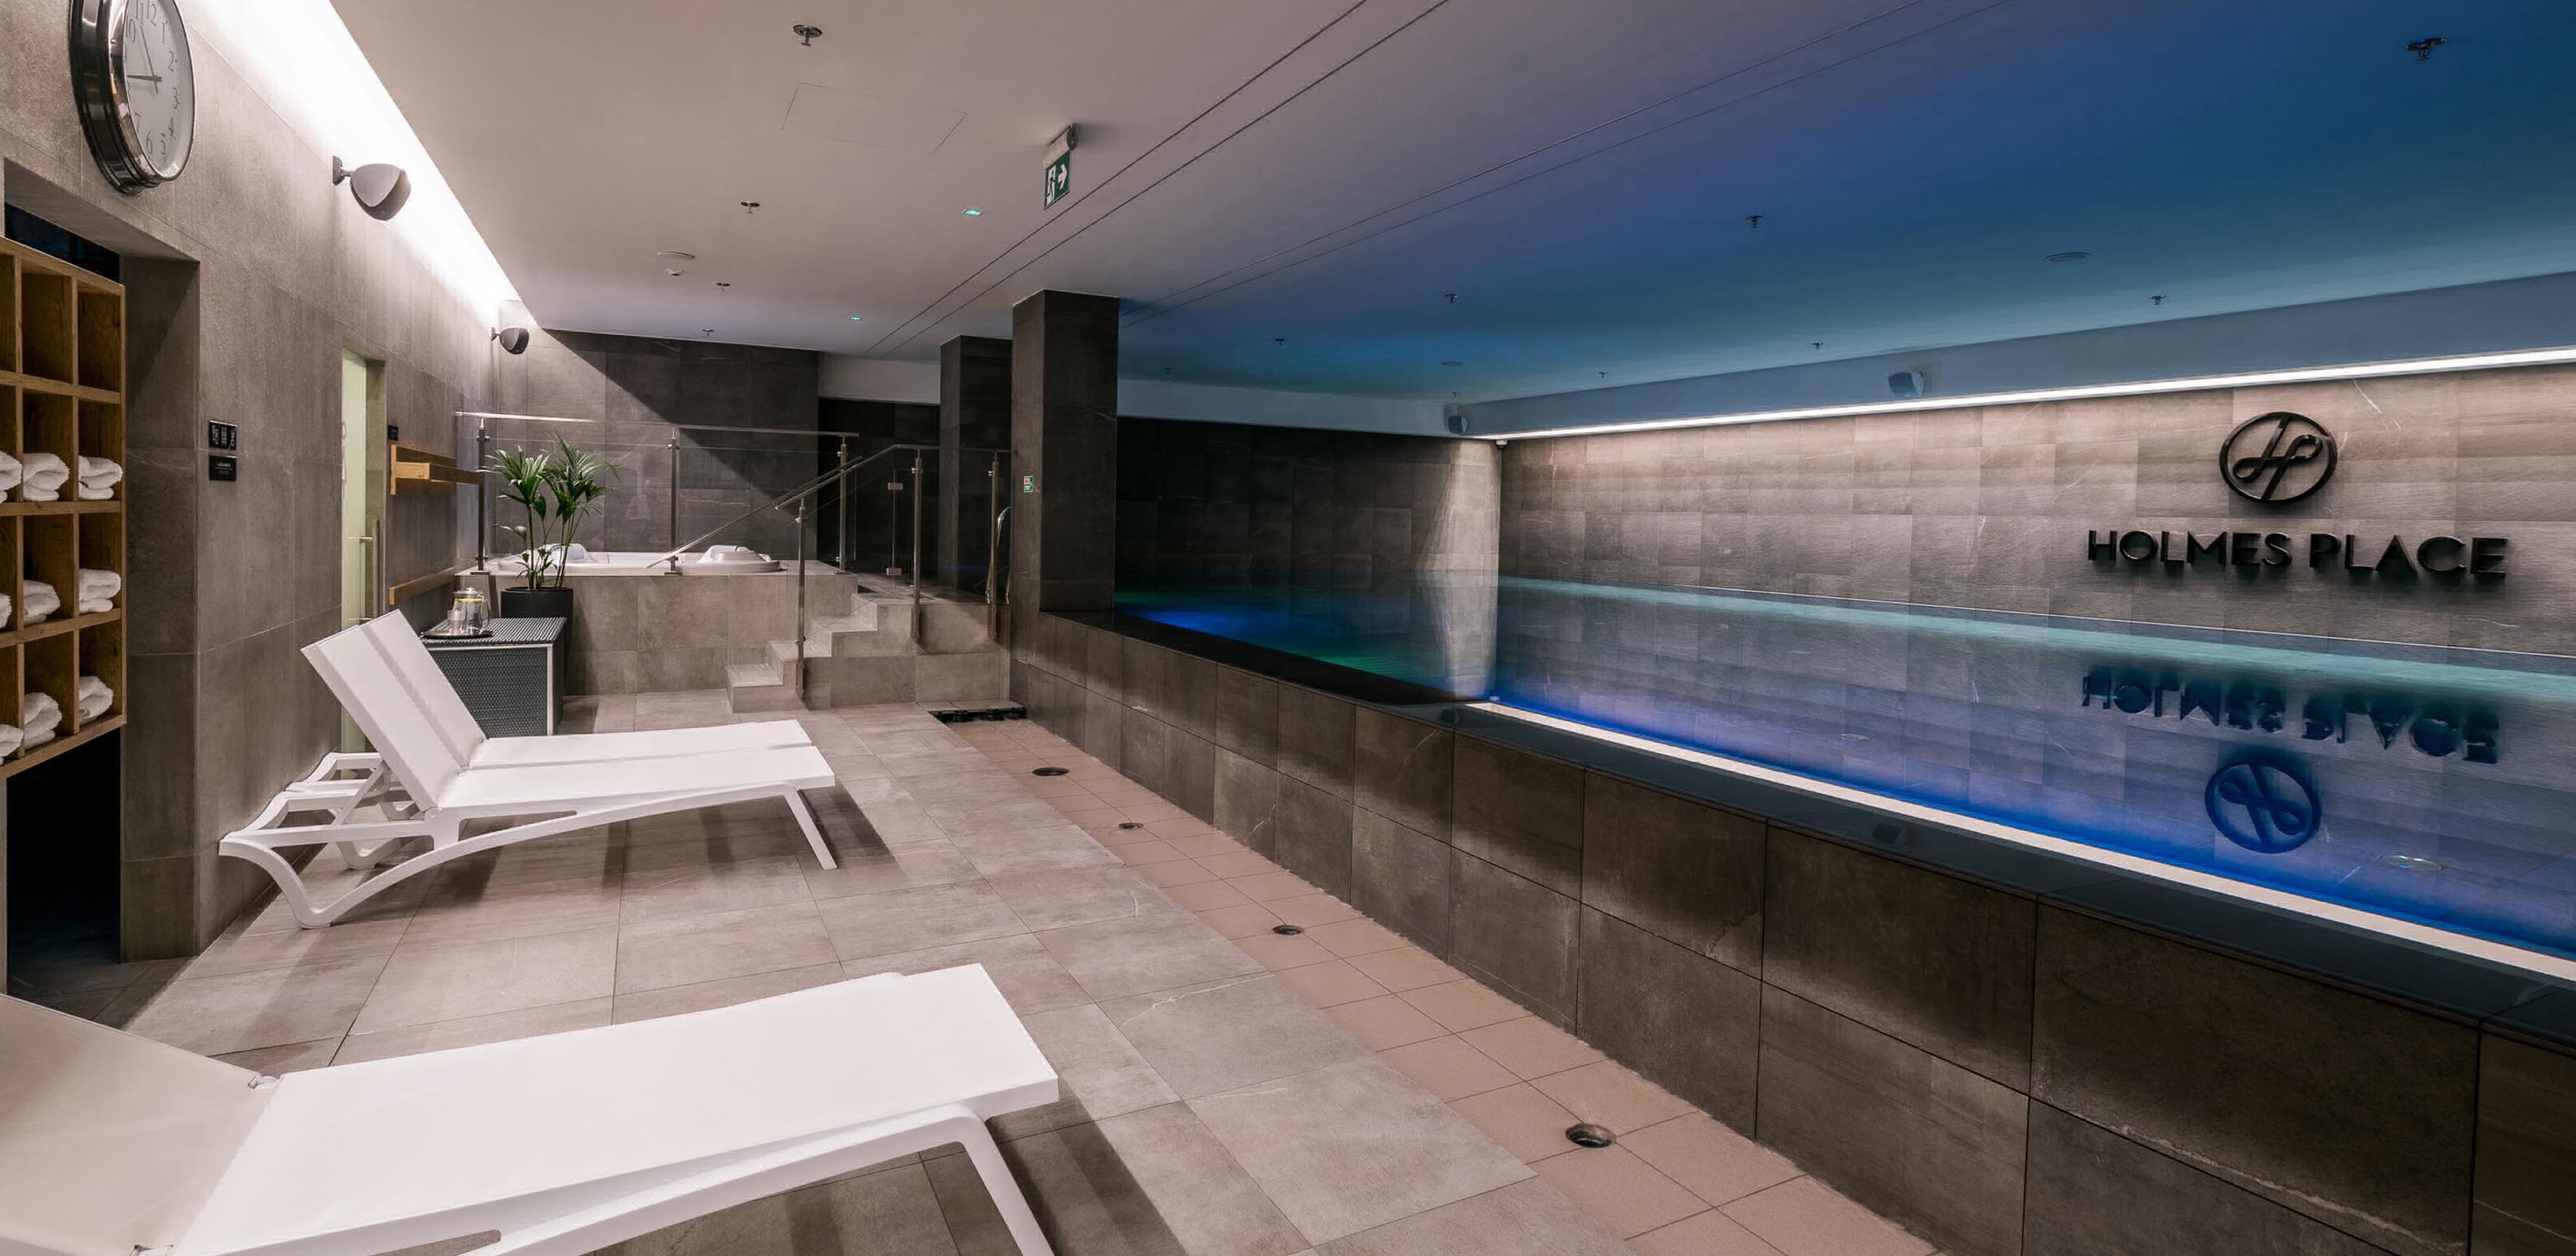 Holmes Place Poland | Premium OVO Wrocław | Pool